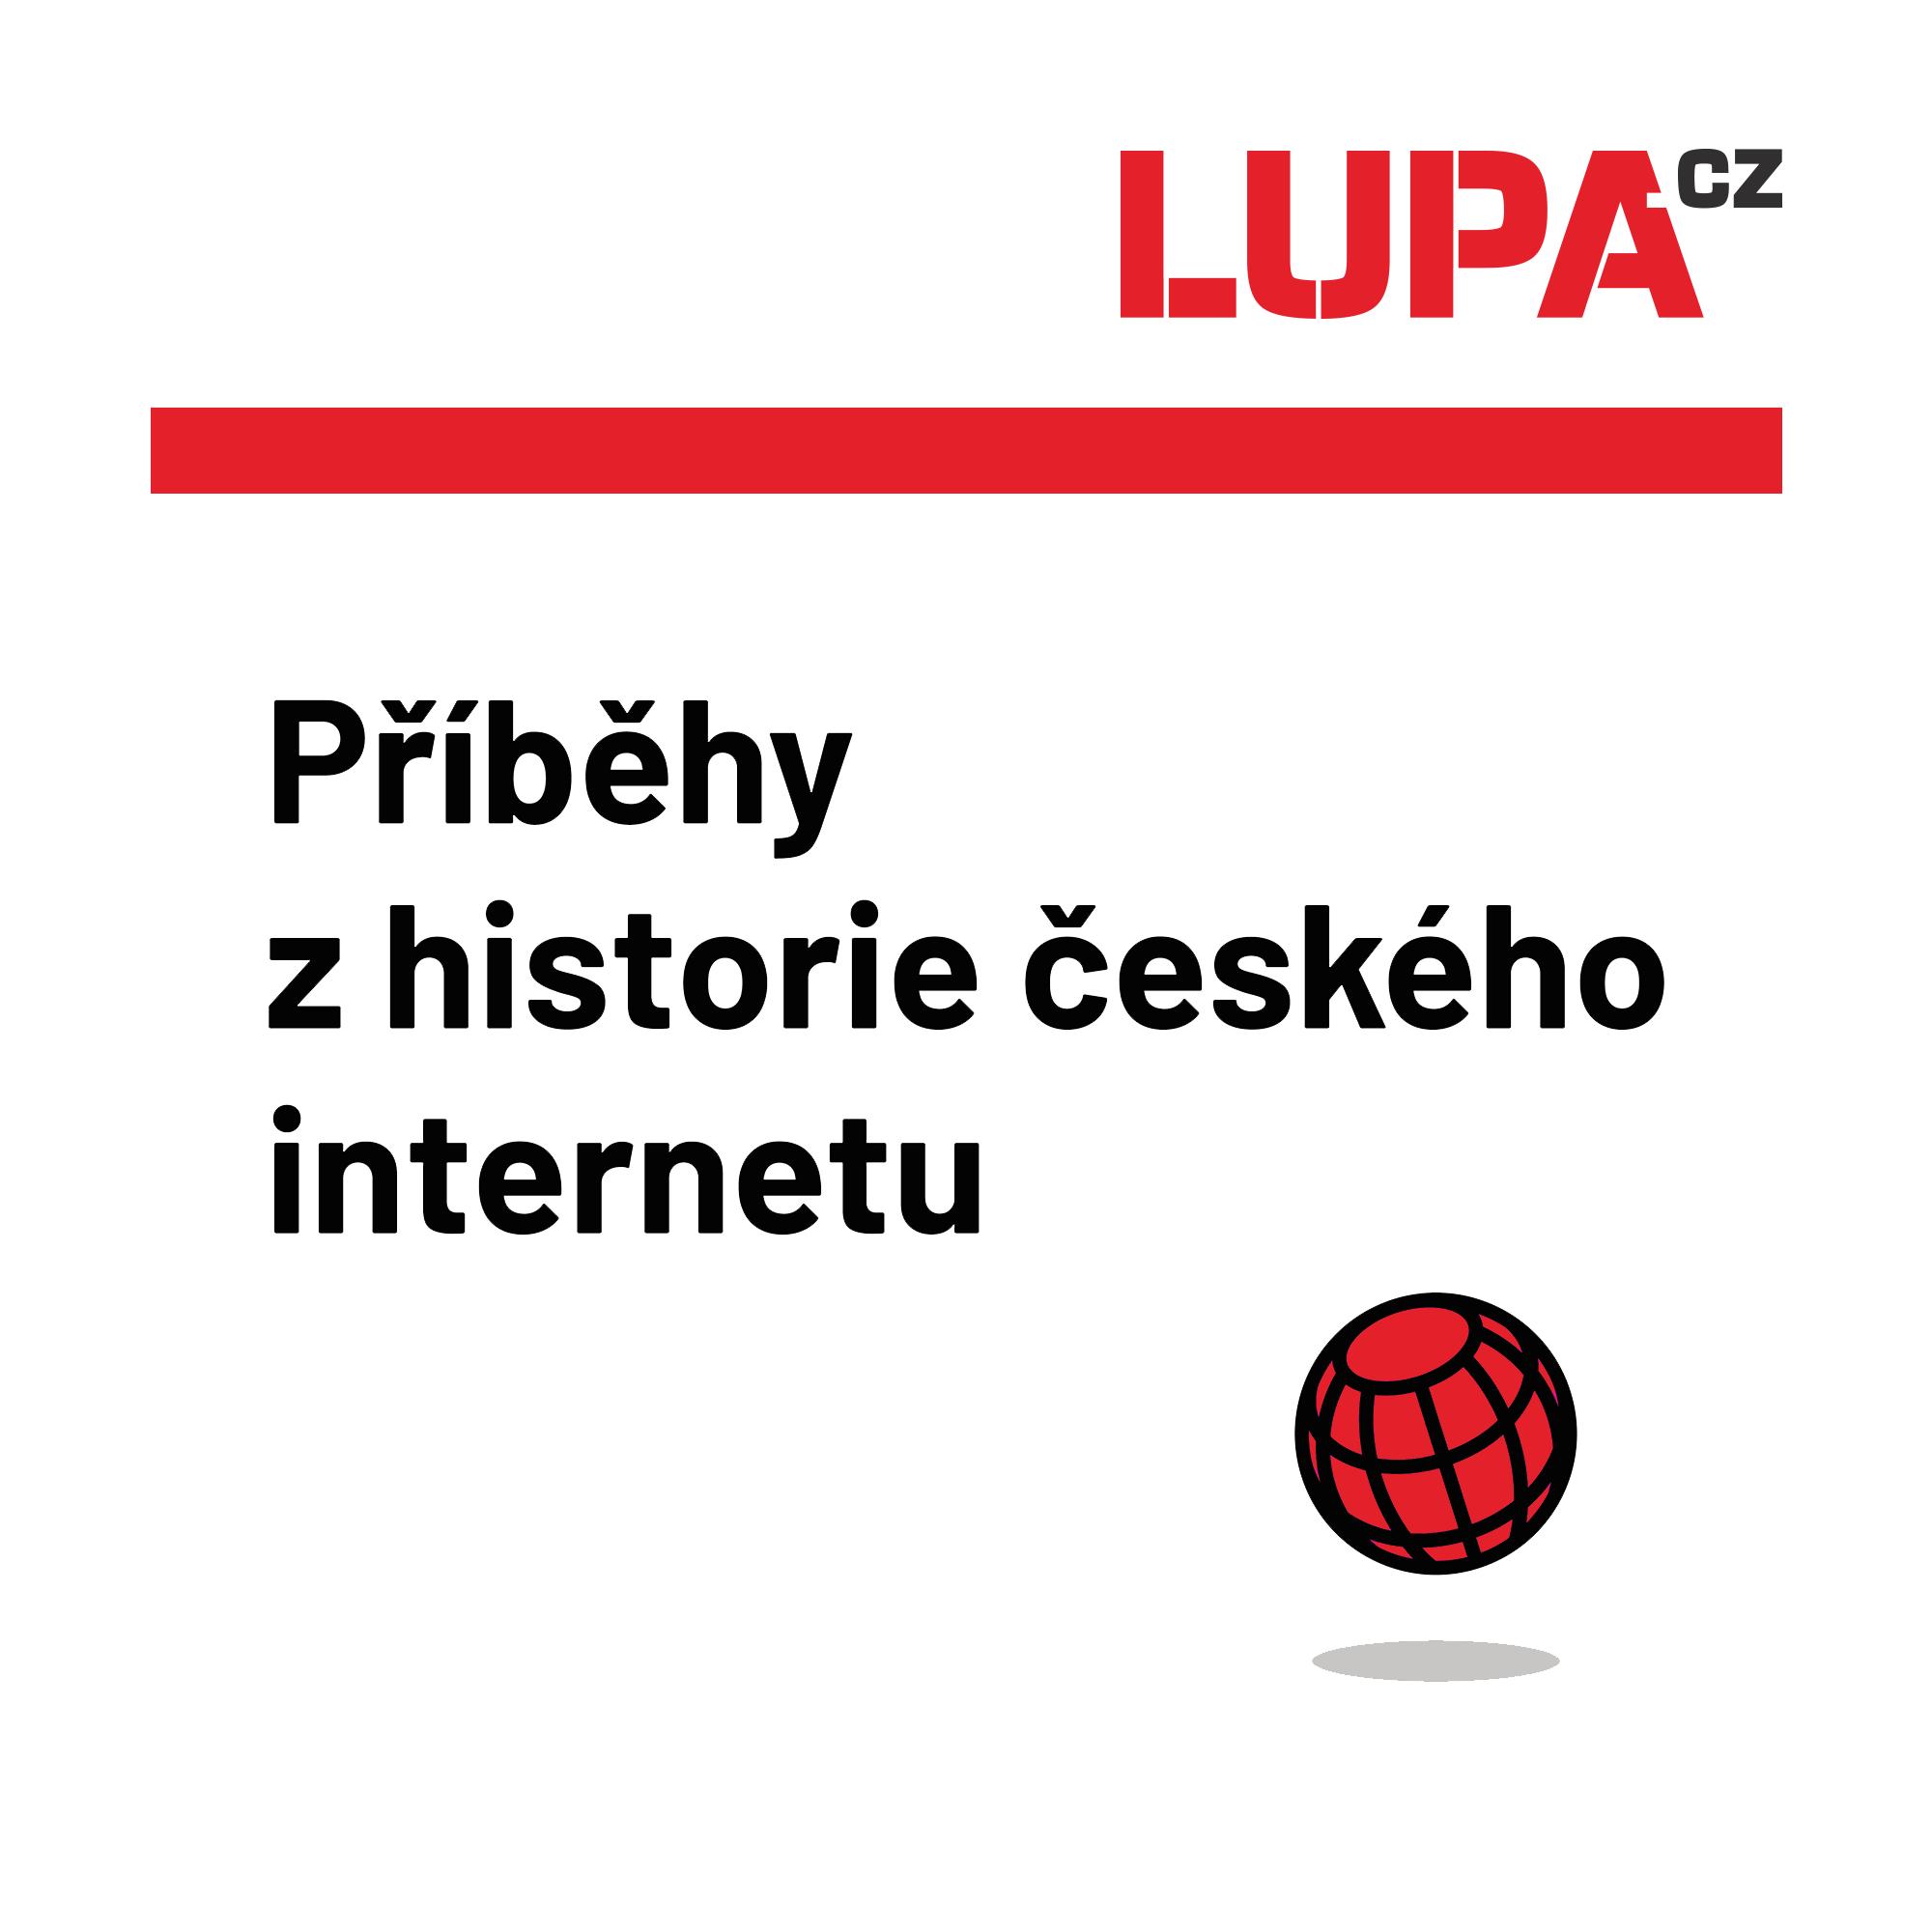 Příběhy z historie českého internetu: Internet býval tak kultivované a vstřícné prostředí